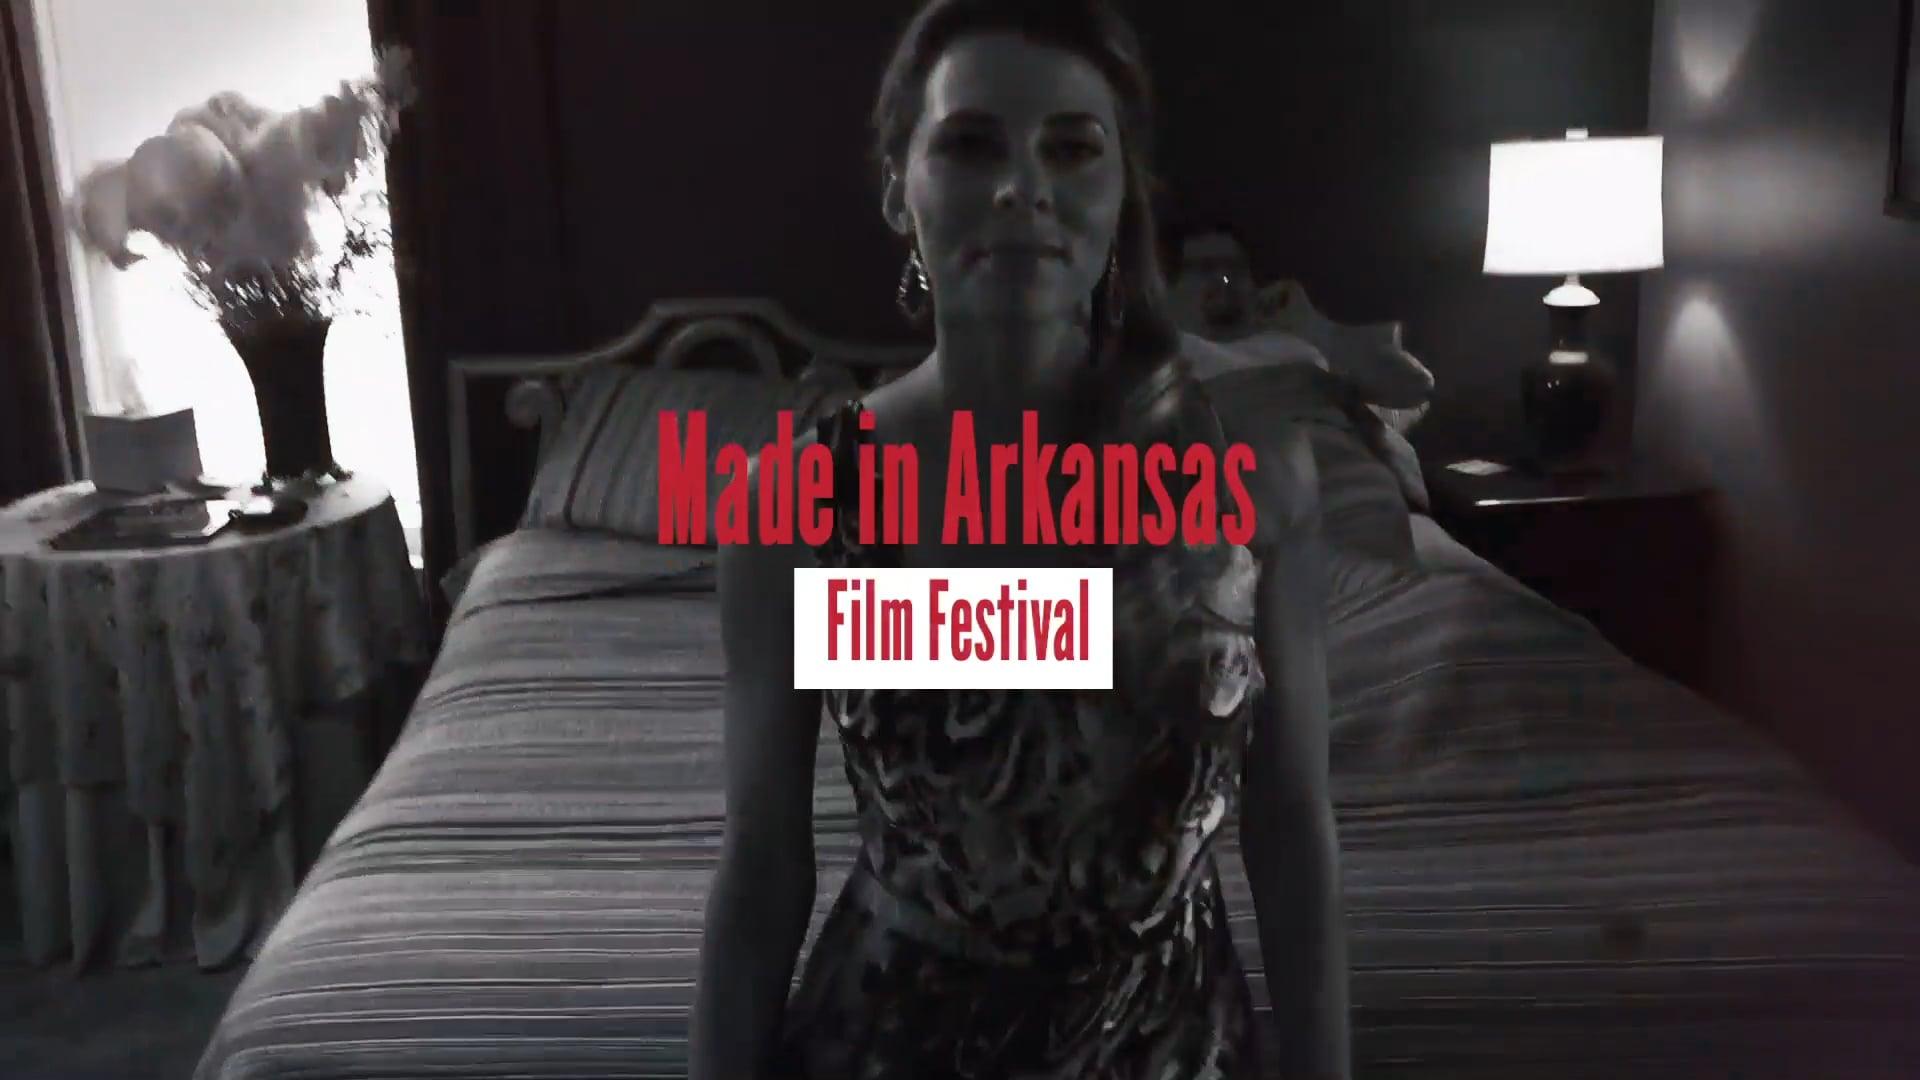 Made in Arkansas Film Festival Promo